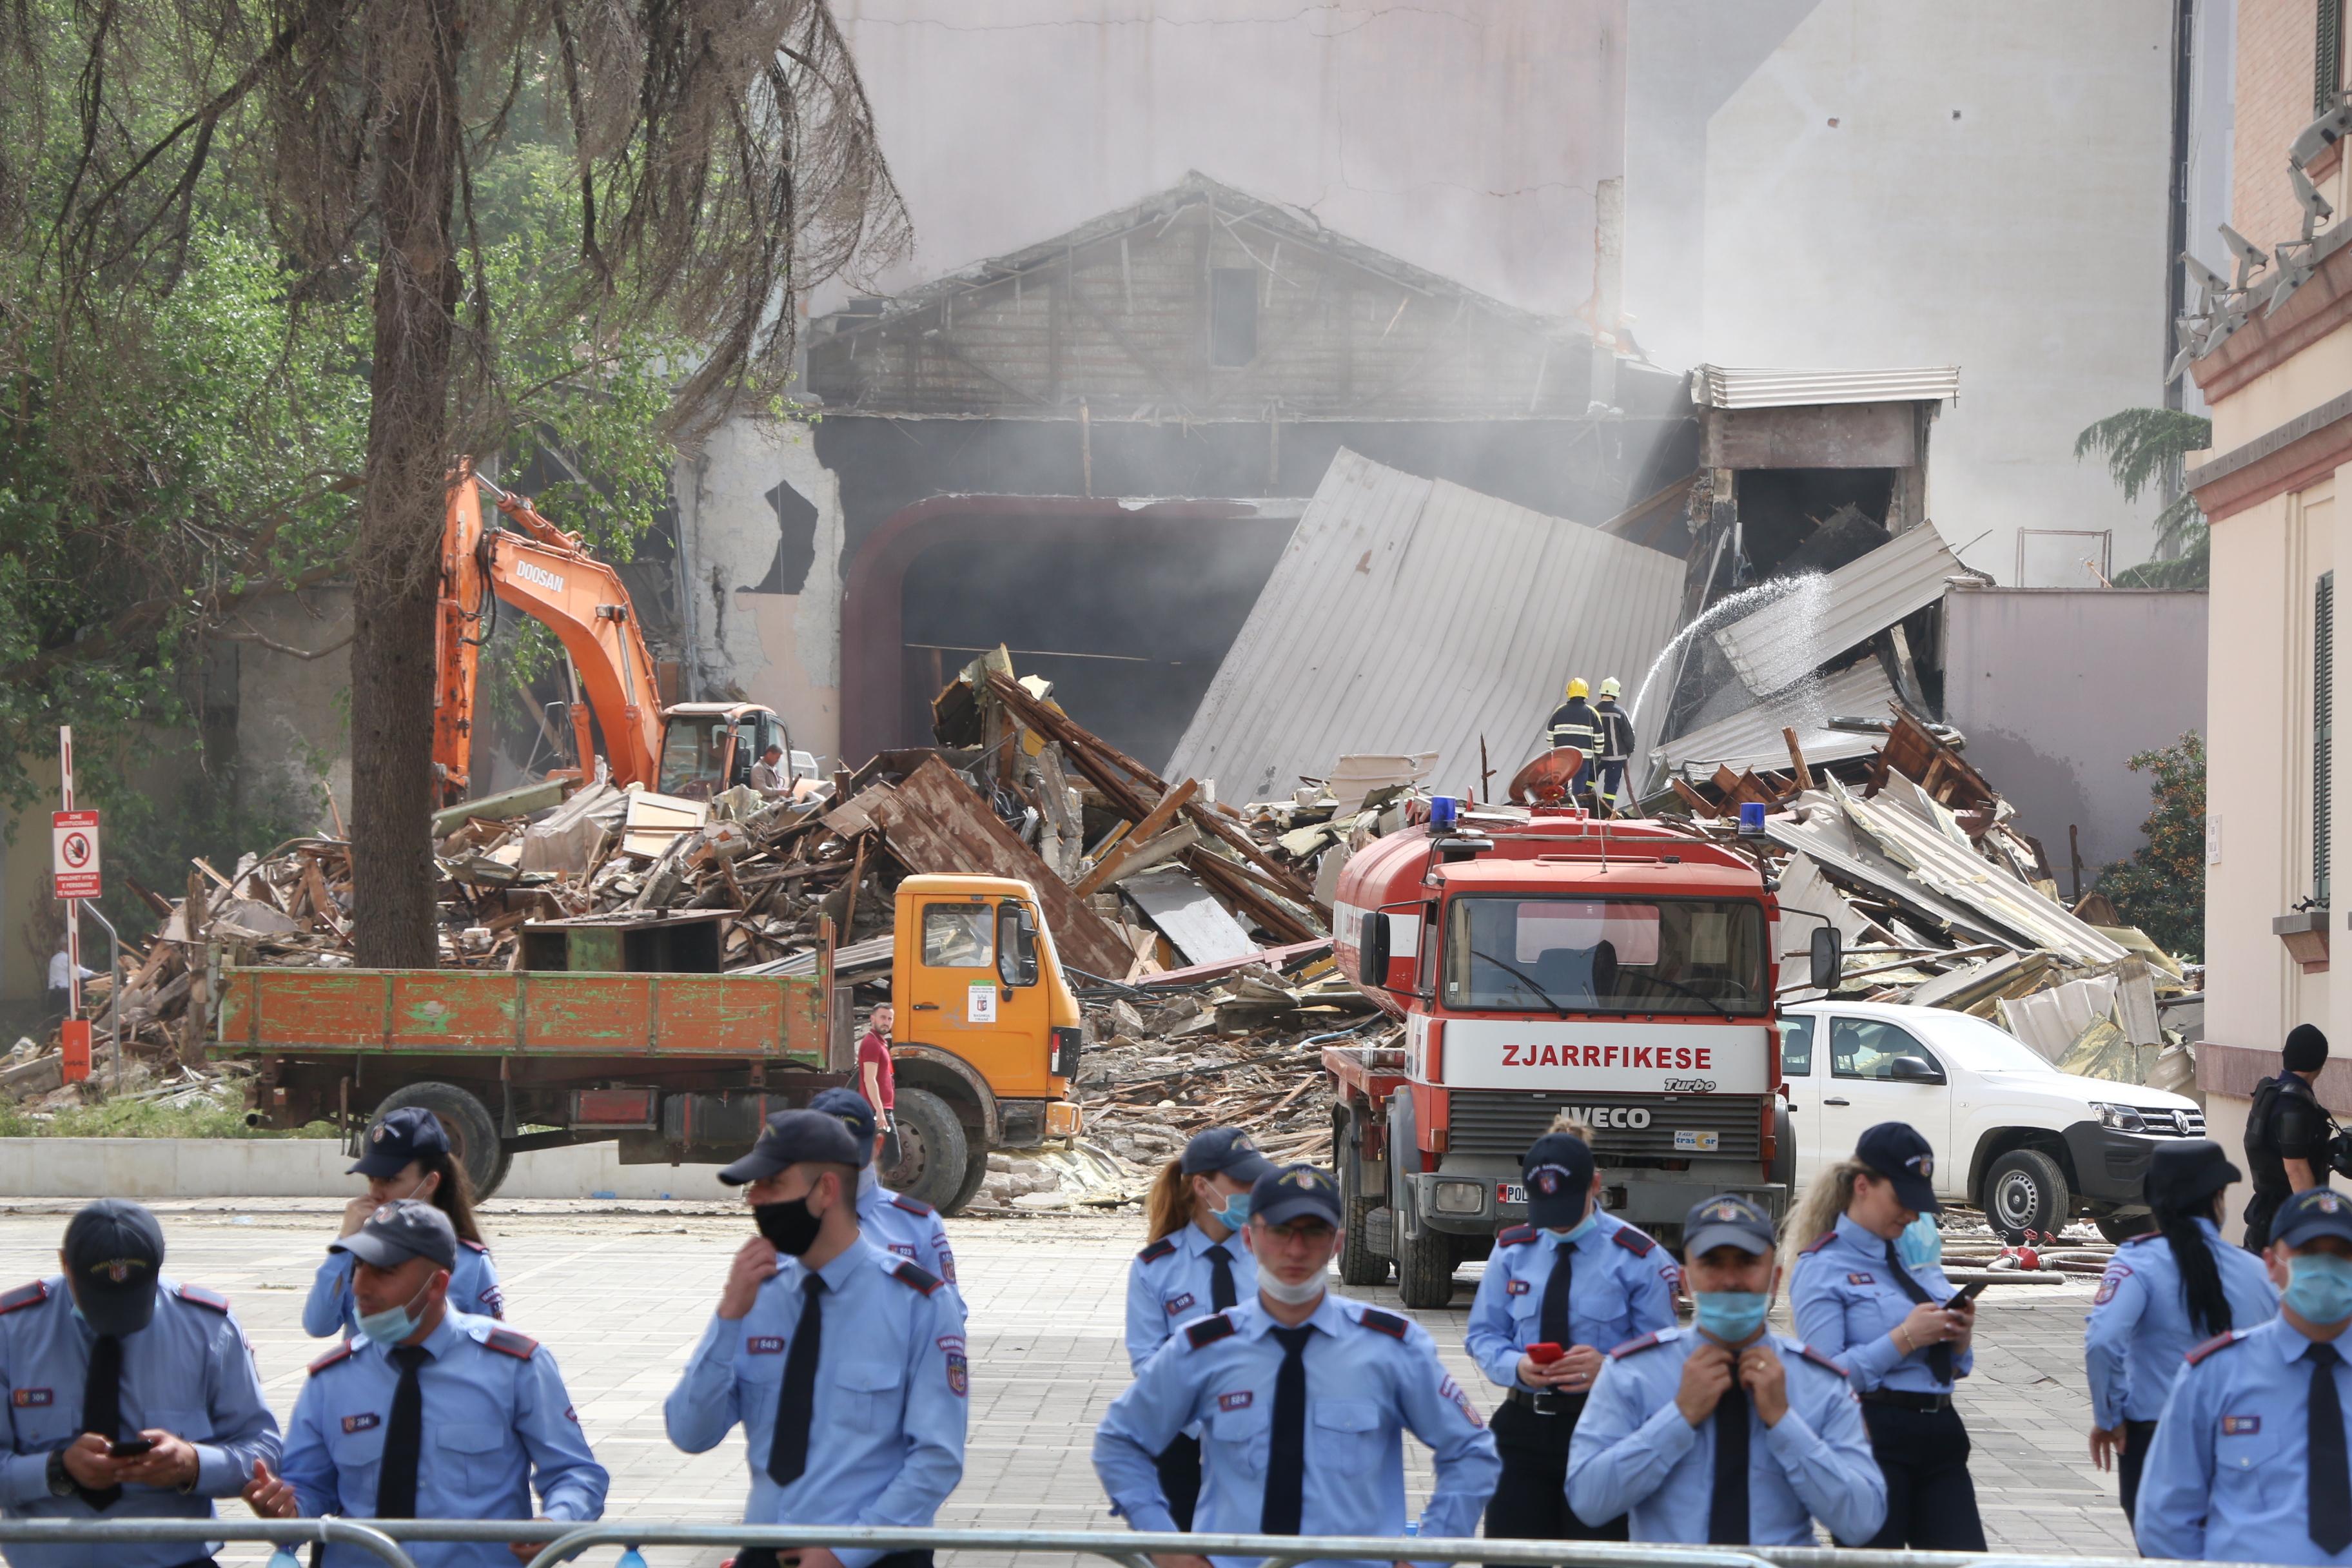 Az albán kormány az éjszaka közepén, rendőrök segítségével rombolta le a nemzeti színház épületét